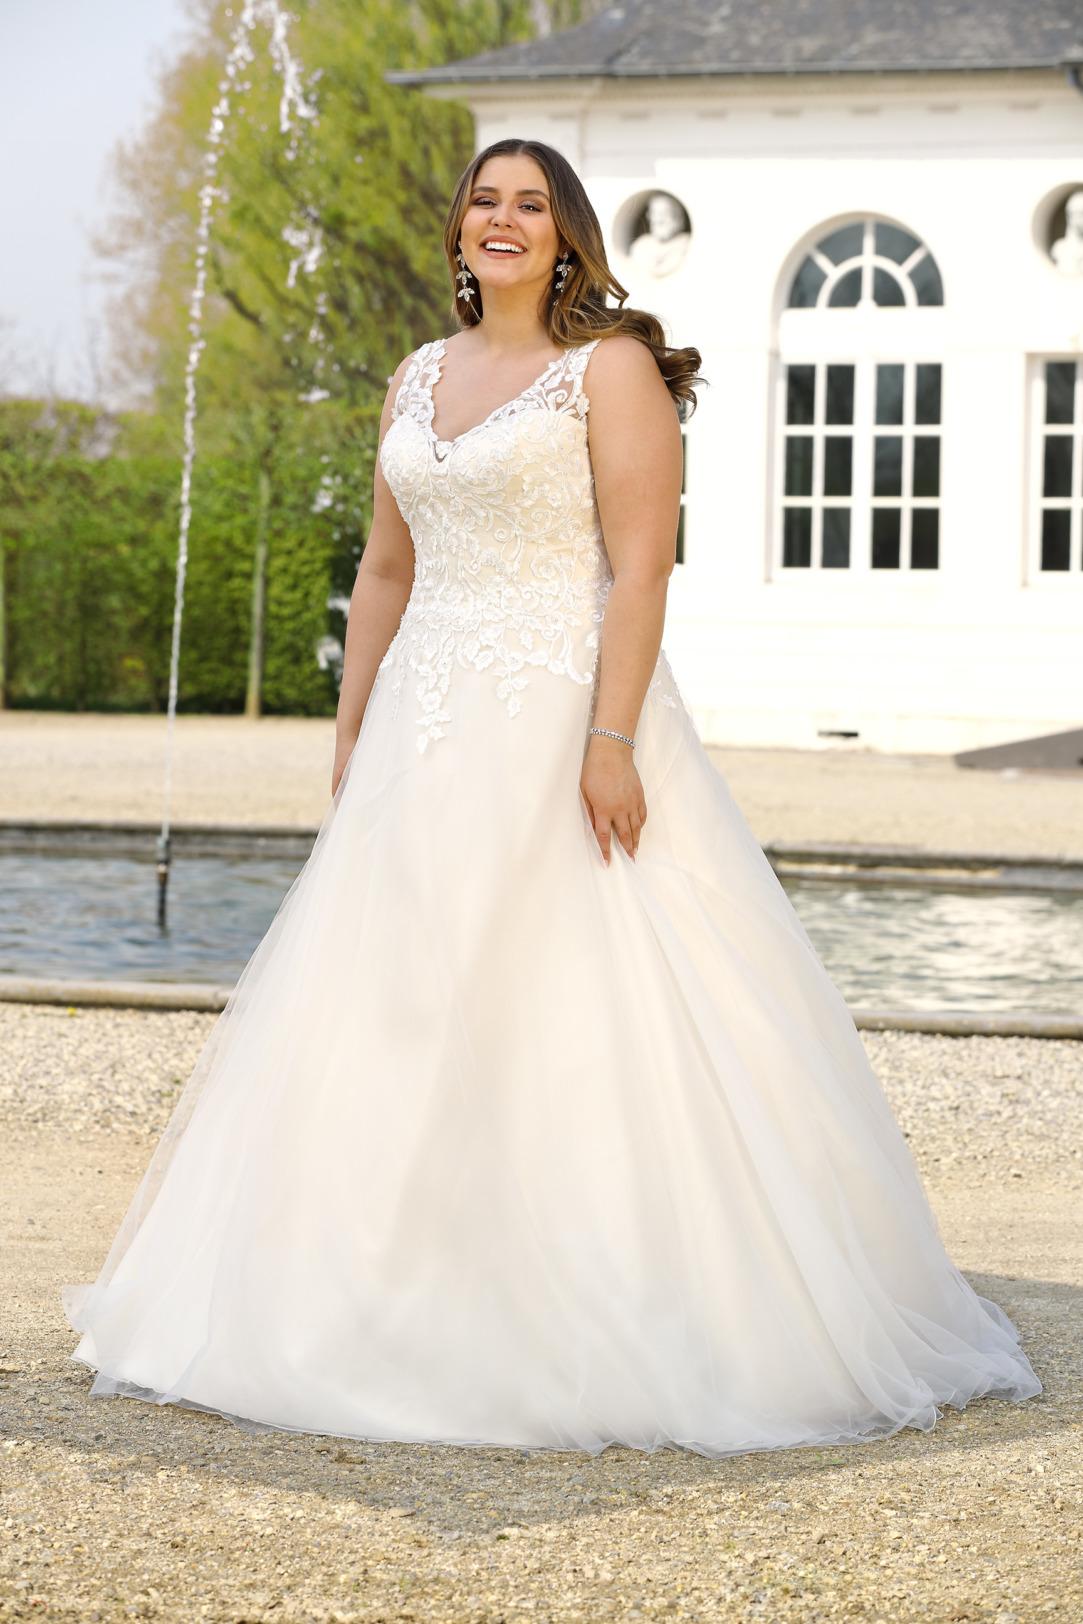 Brautkleider Hochzeitskleider Mode A Linie Ladybird mit V-Ausschnitt Spitze ohne Ärmel grosse Grösse plus size Tatoo Spitze Organza Rock mit Schleppe Breite Träger